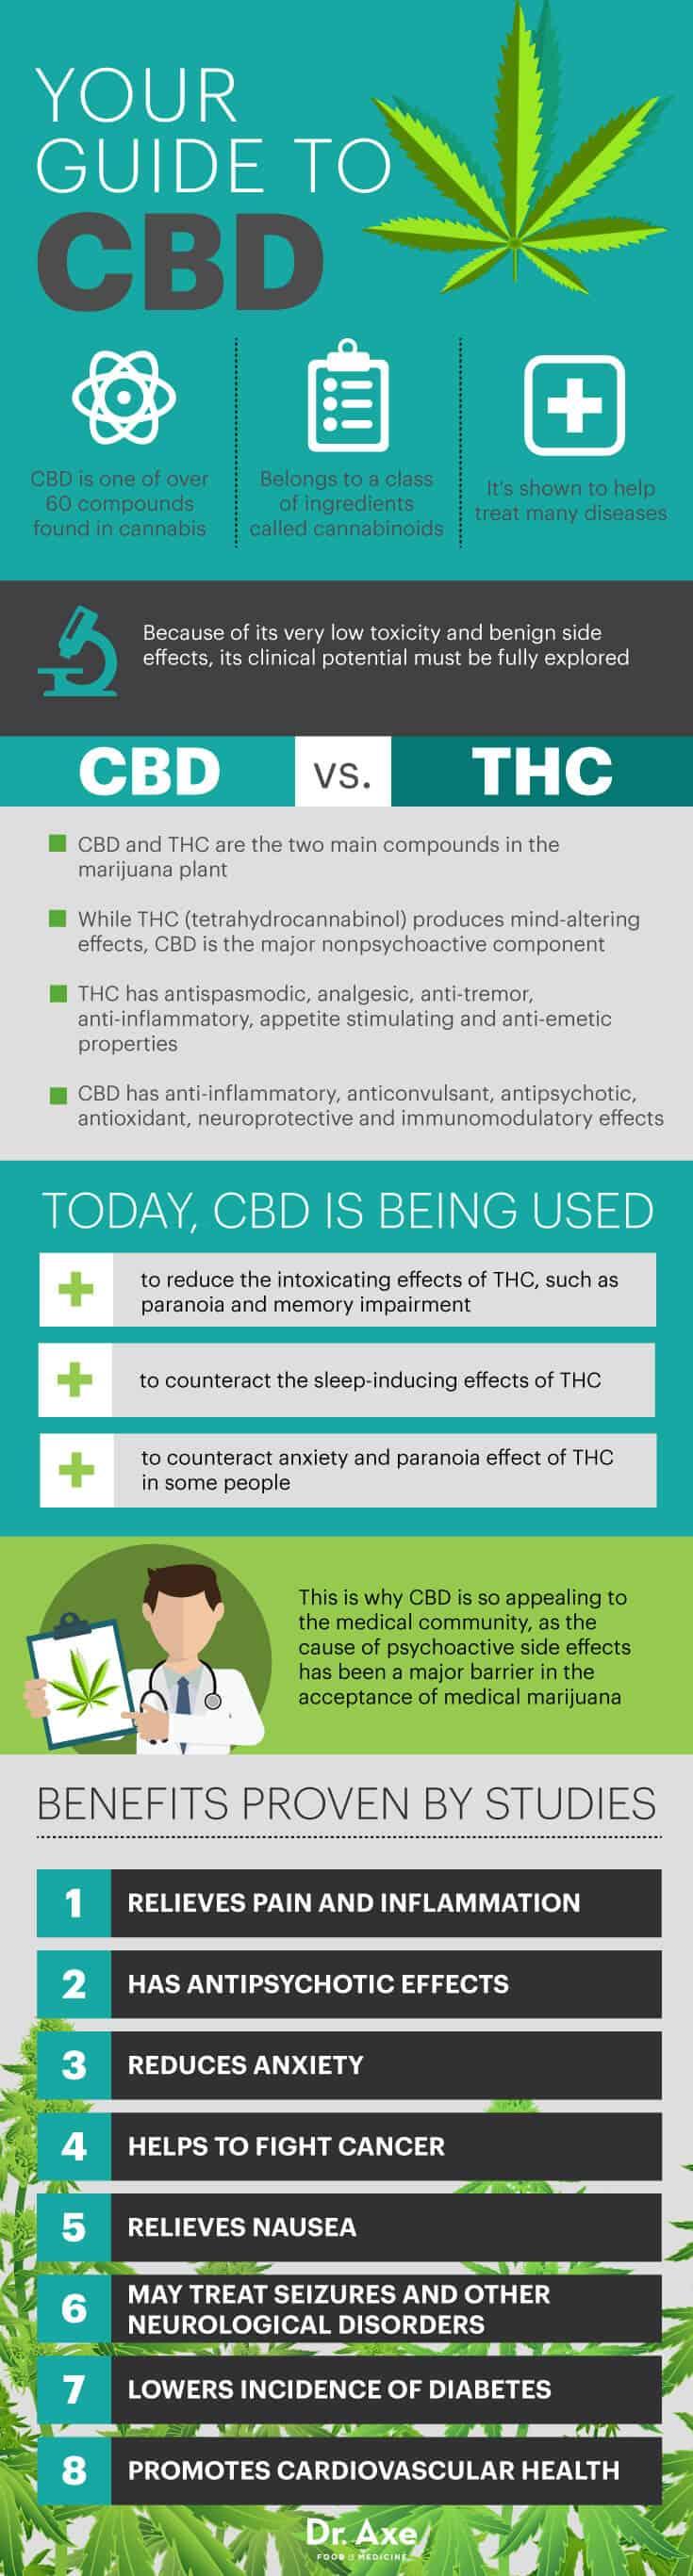 CBD guide - Dr. Axe